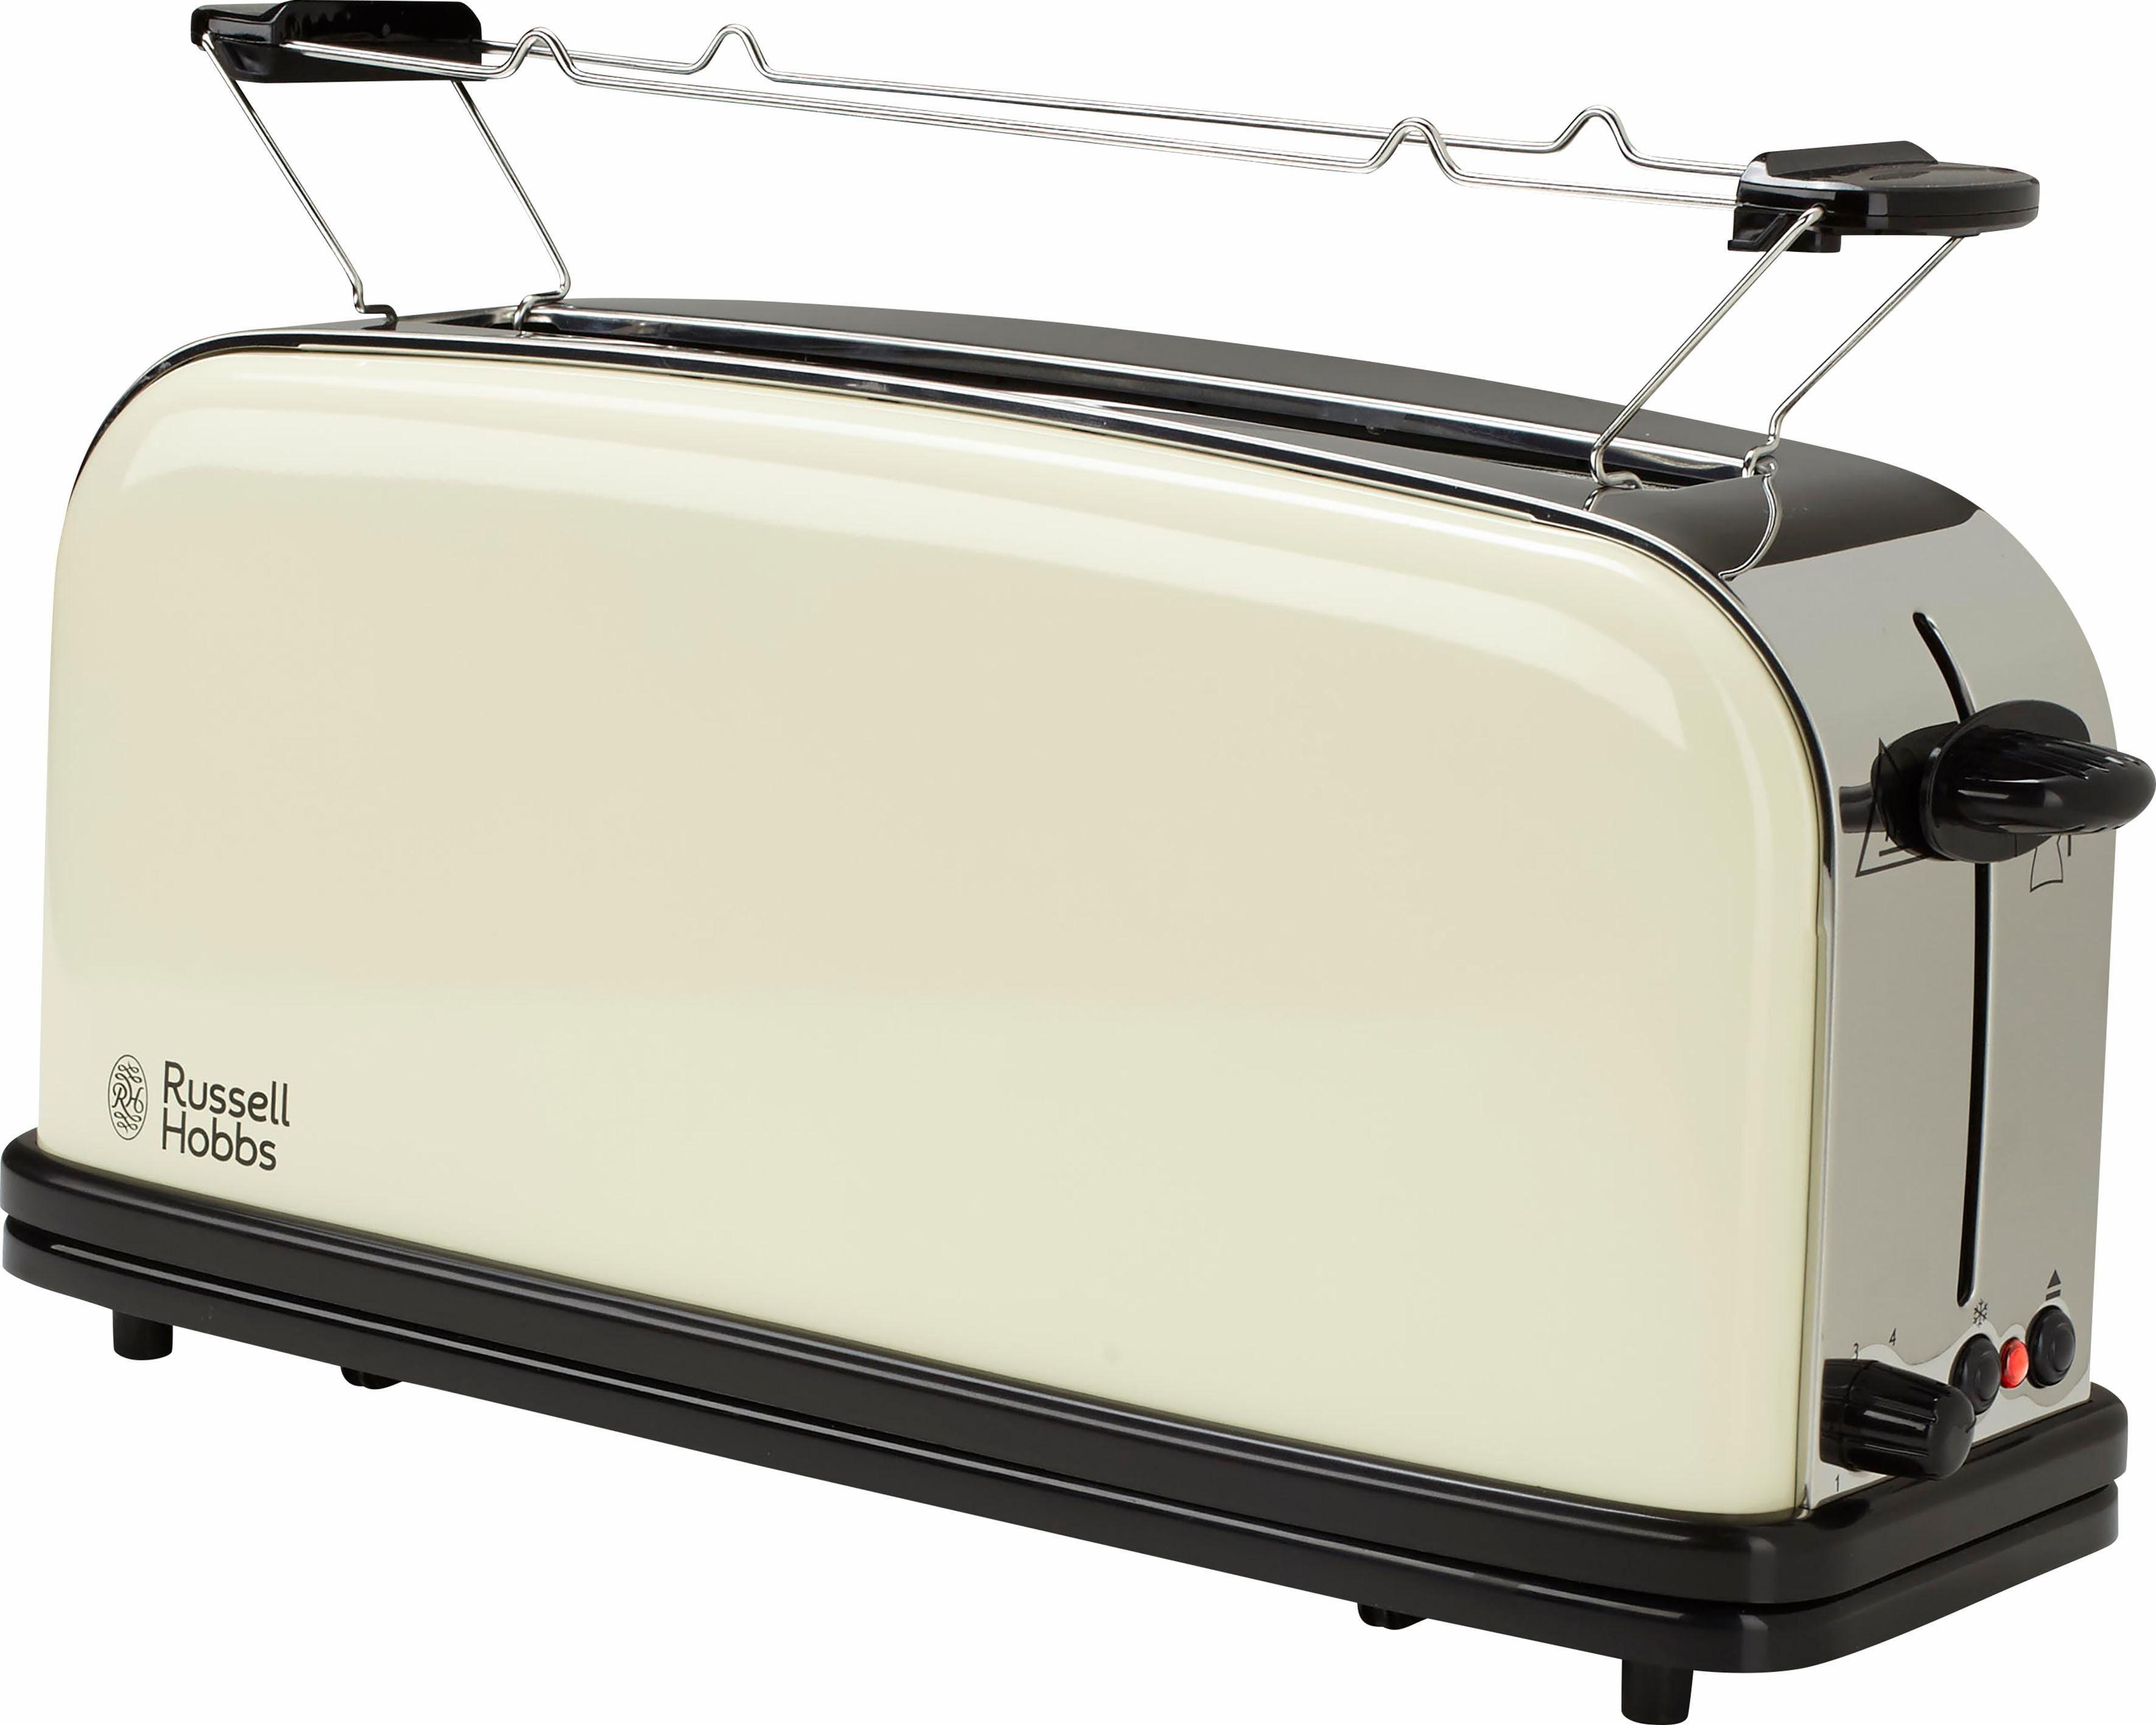 Russell Hobbs Langschlitz-Toaster Colours Classic Cream 21395-56, 1000 Watt